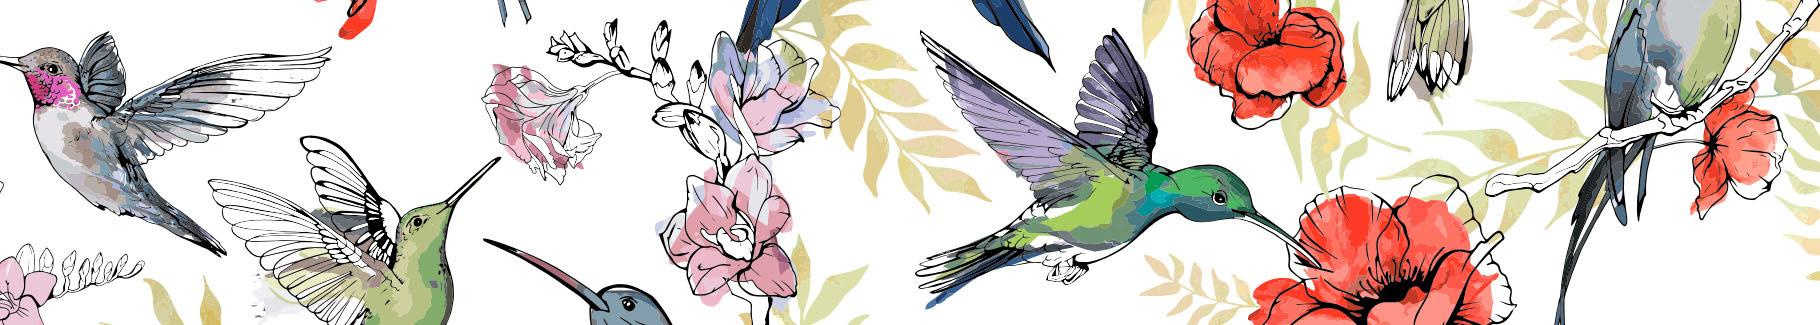 Obraz do sypialni z kolibrami